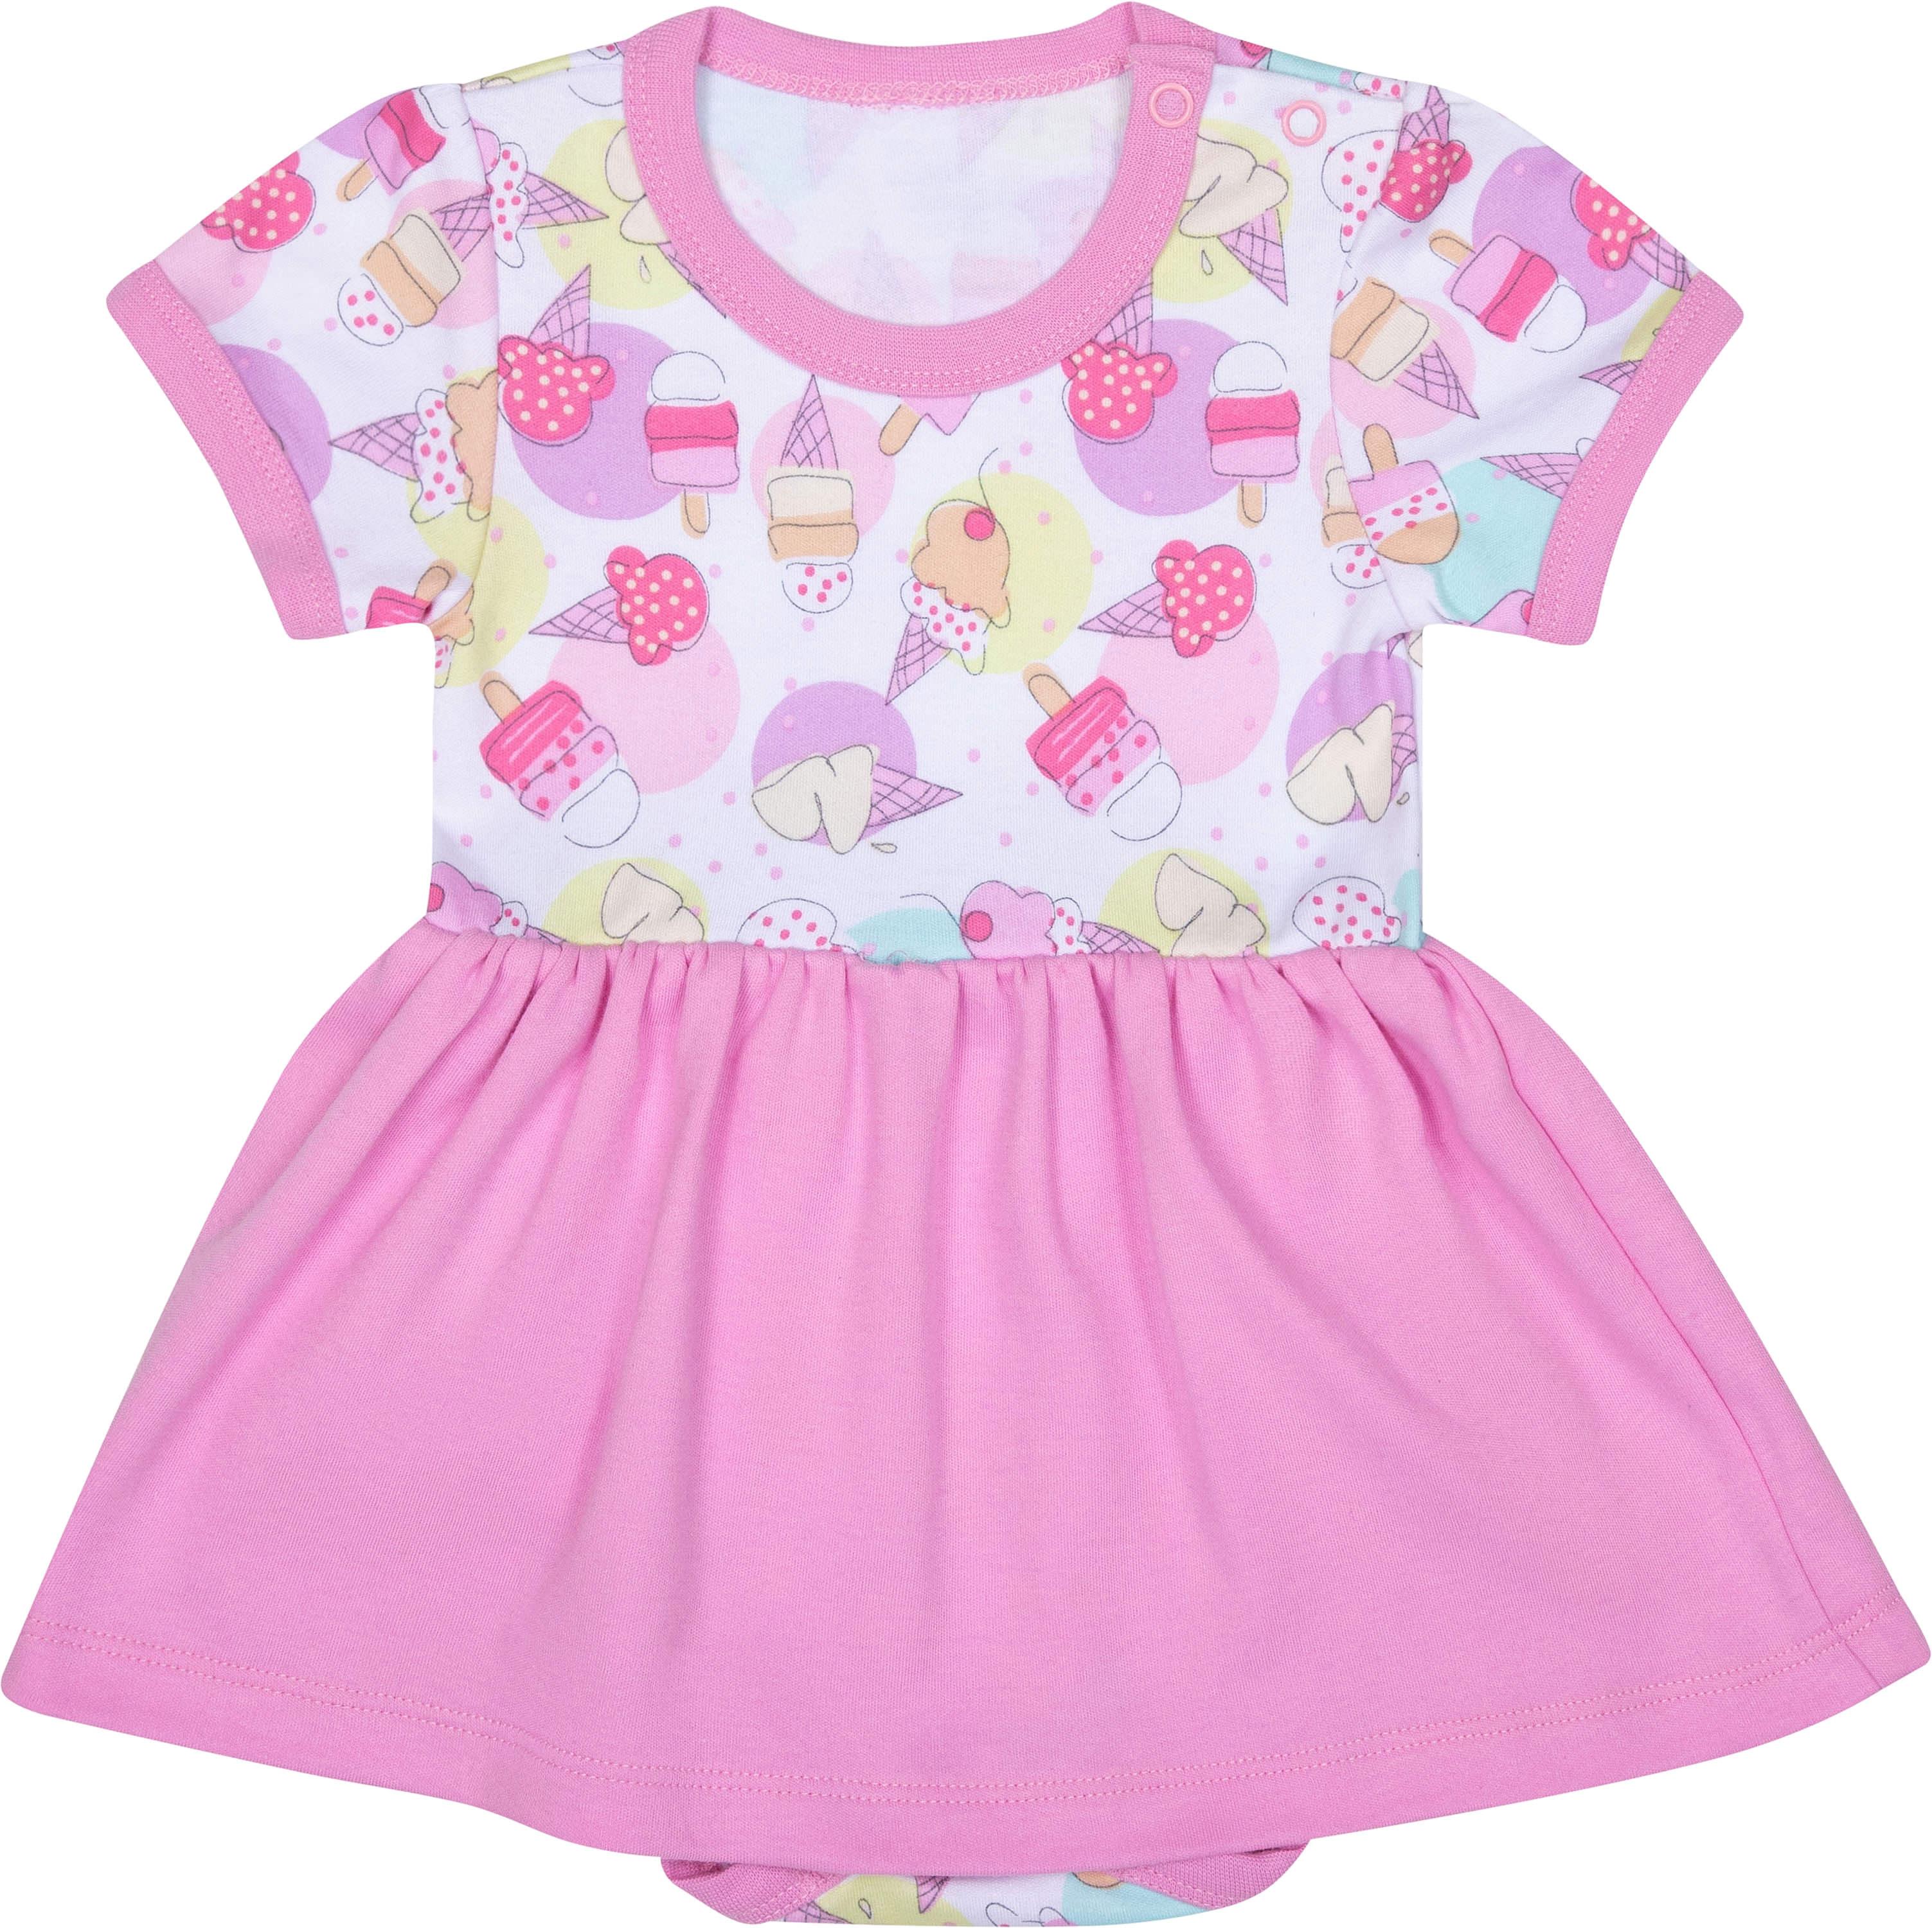 Боди с коротким рукавом для девочки Barkito Маленькие сладости, белое с розовым